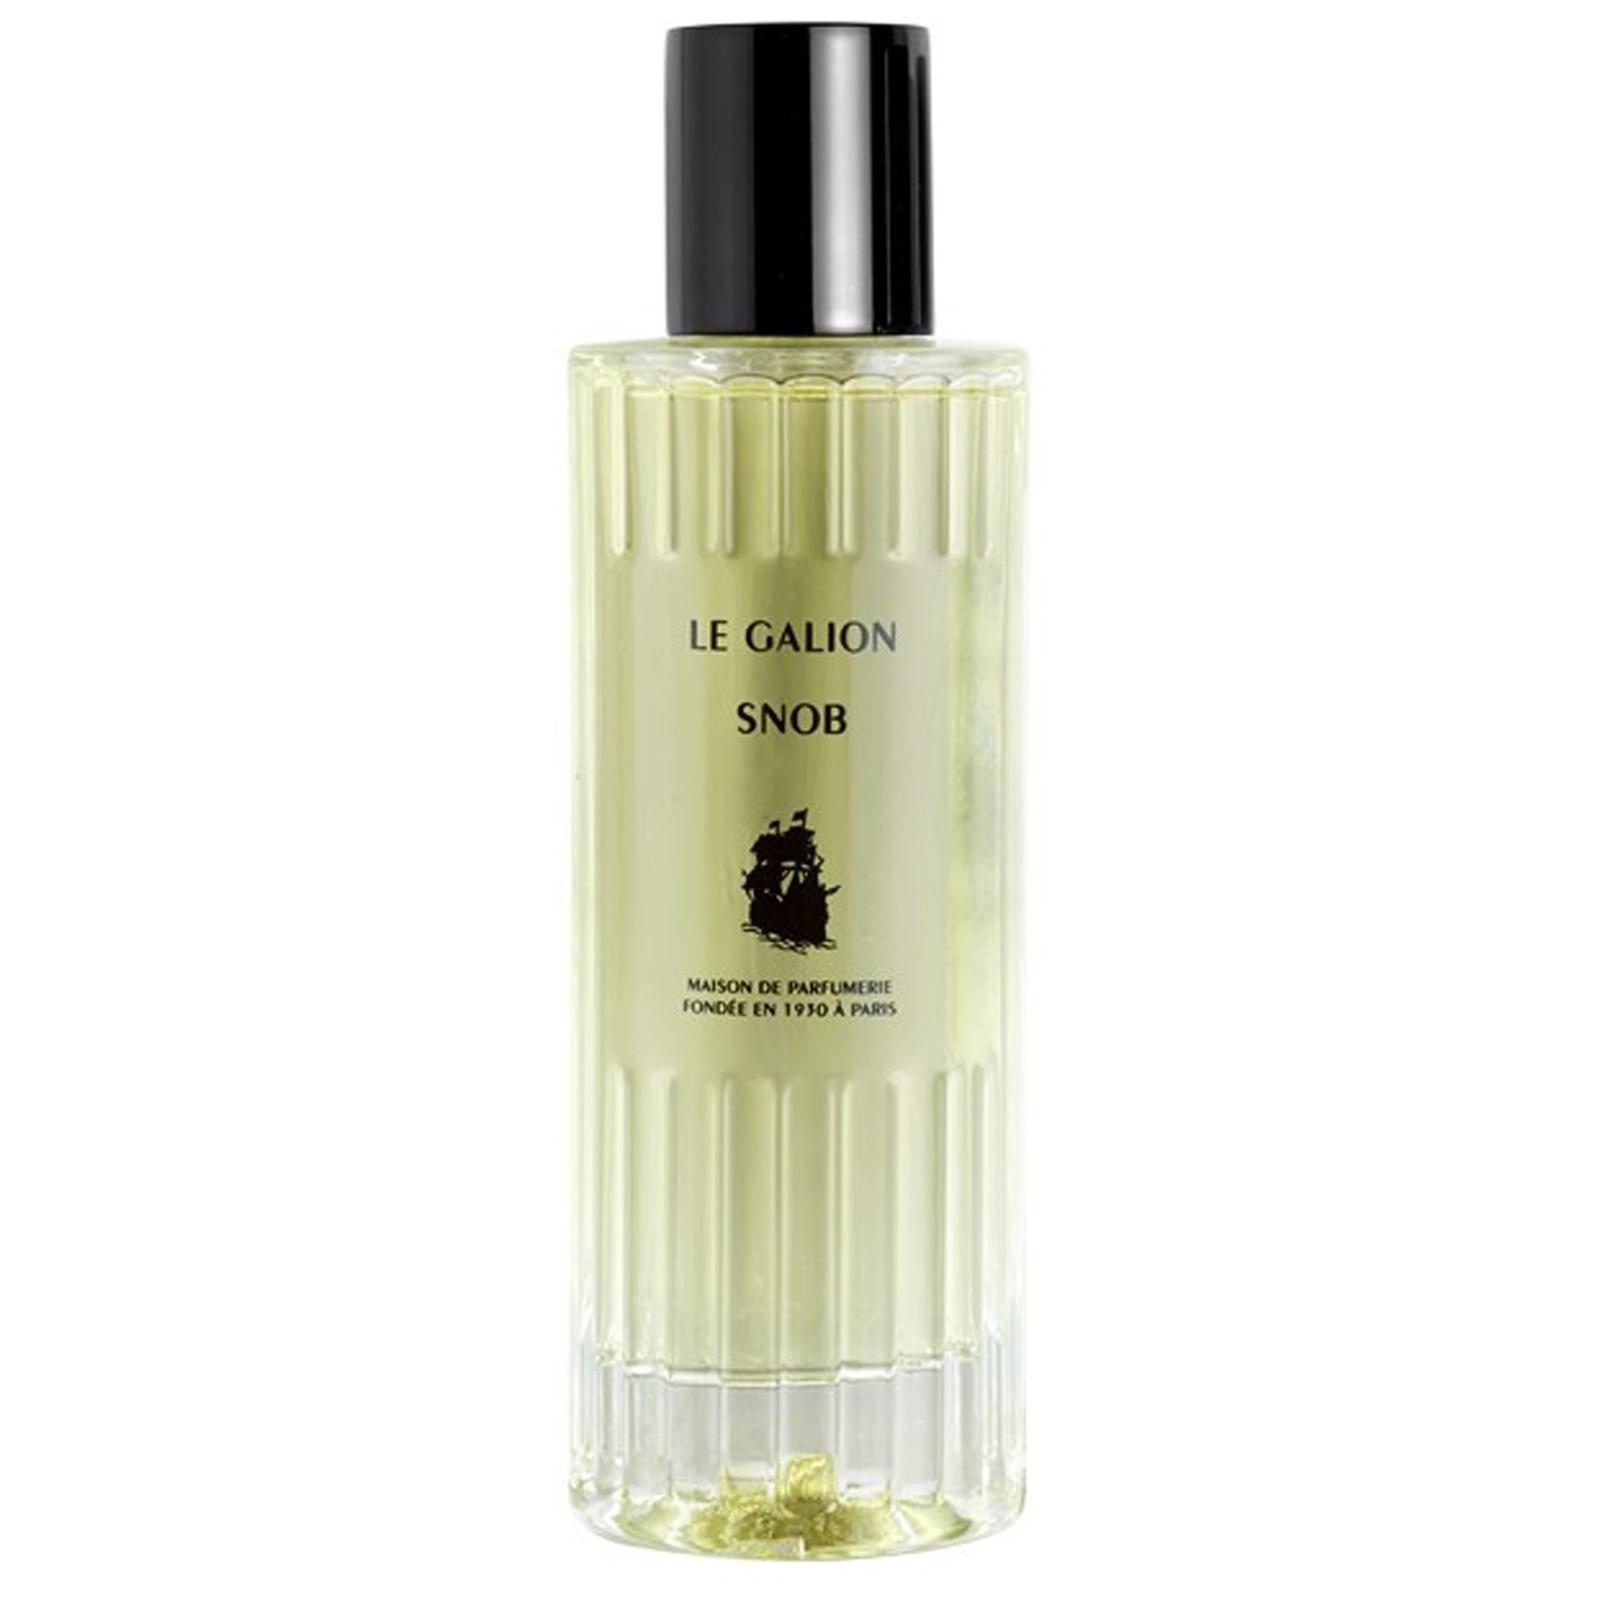 Snob profumo eau de parfum 100 ml